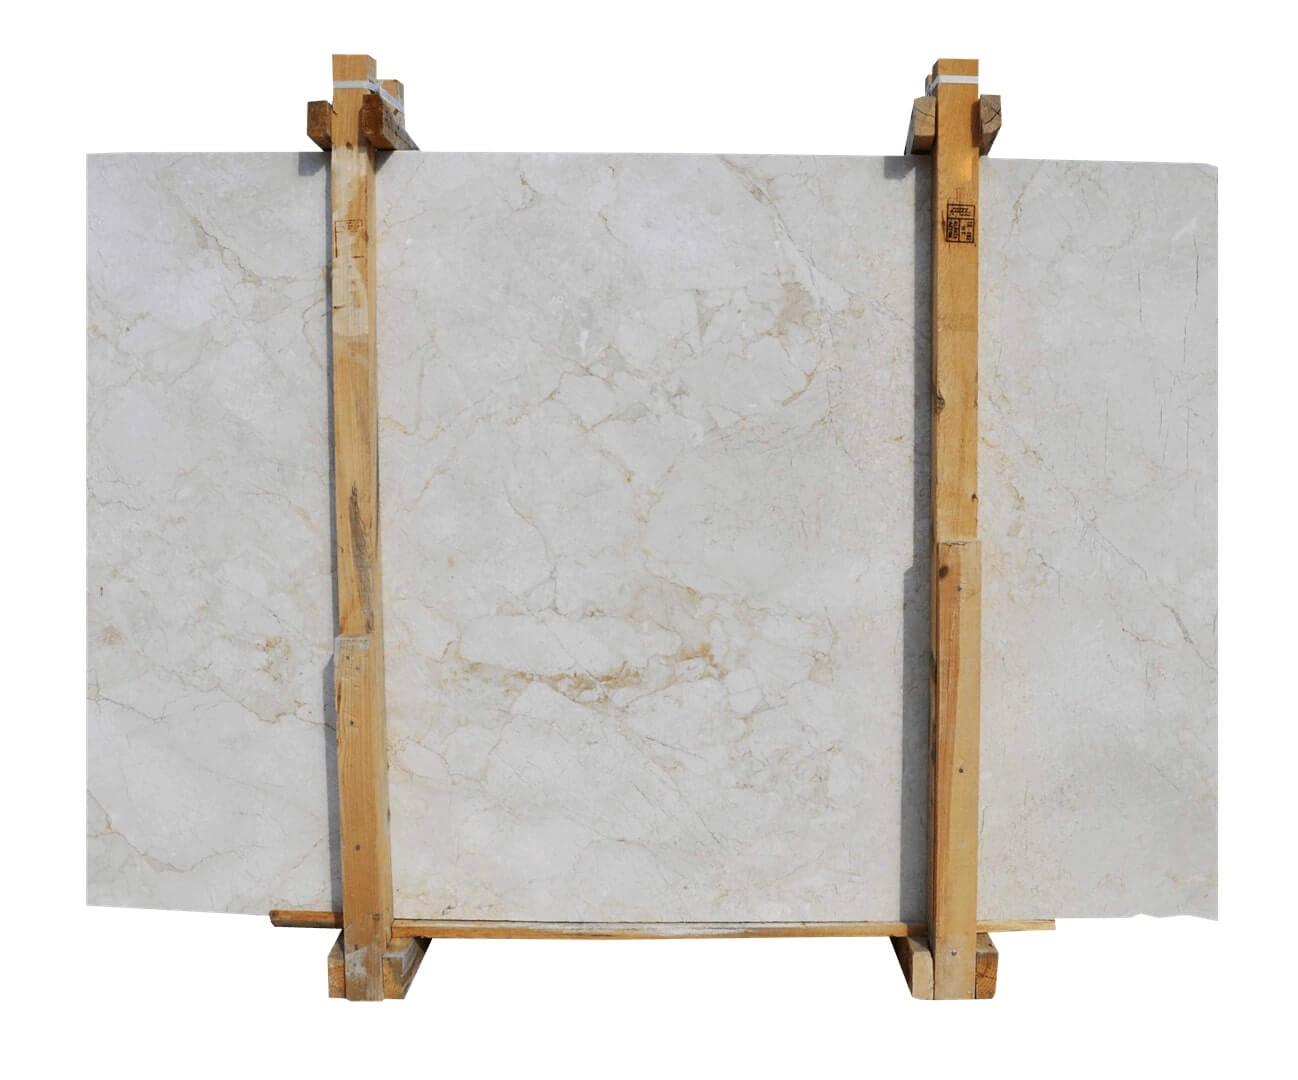 Burdur Beige Botanica Marble-Crema Marfil Marble